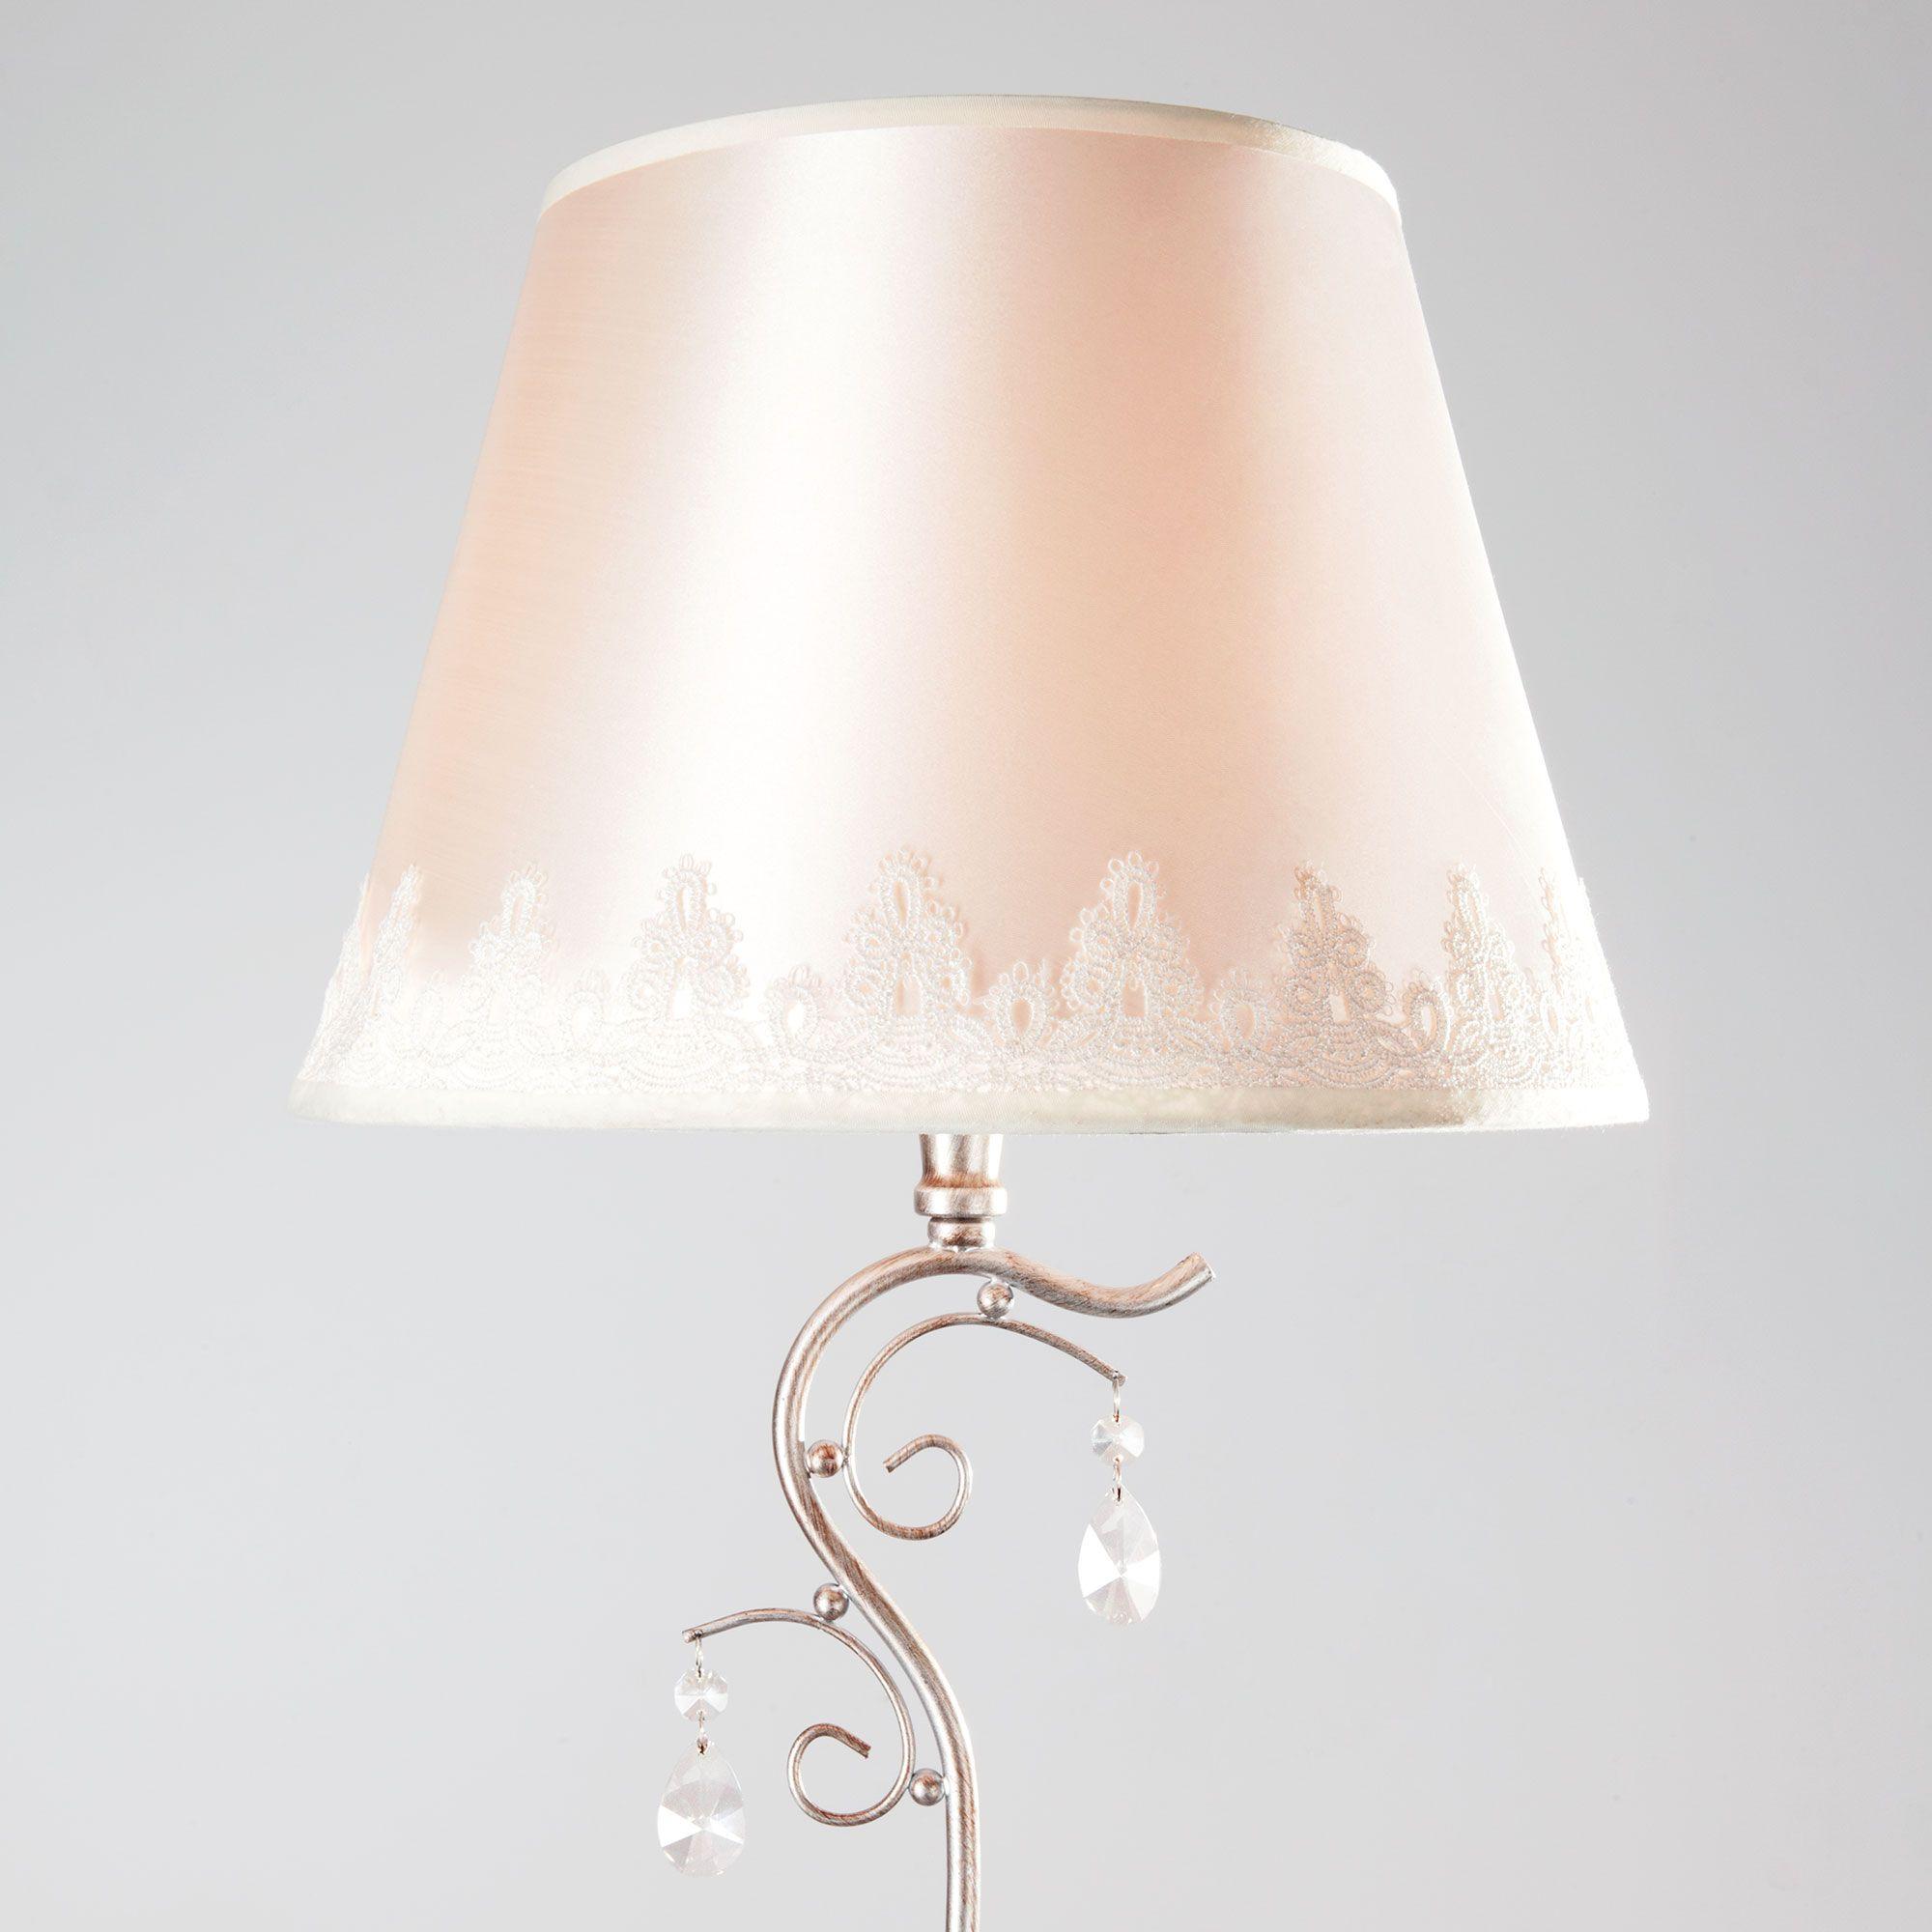 Потолочный светильник Maytoni Lamar H301-04-G купить в СПб